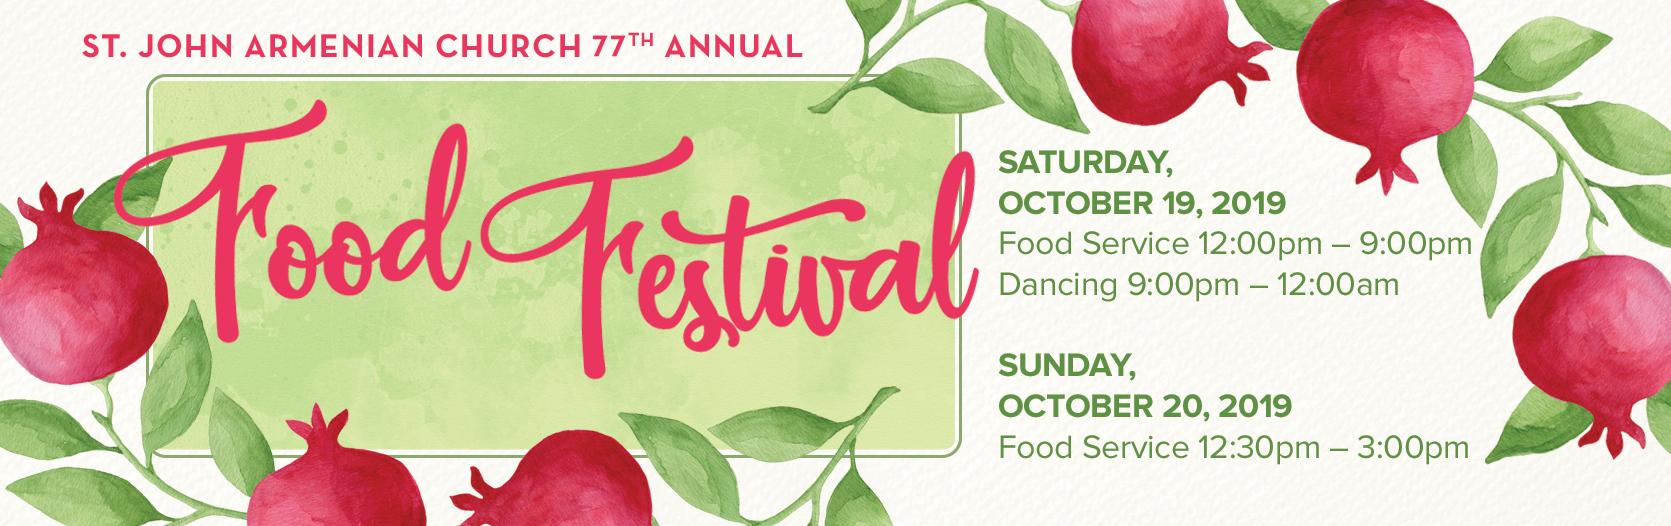 77th Food Festival